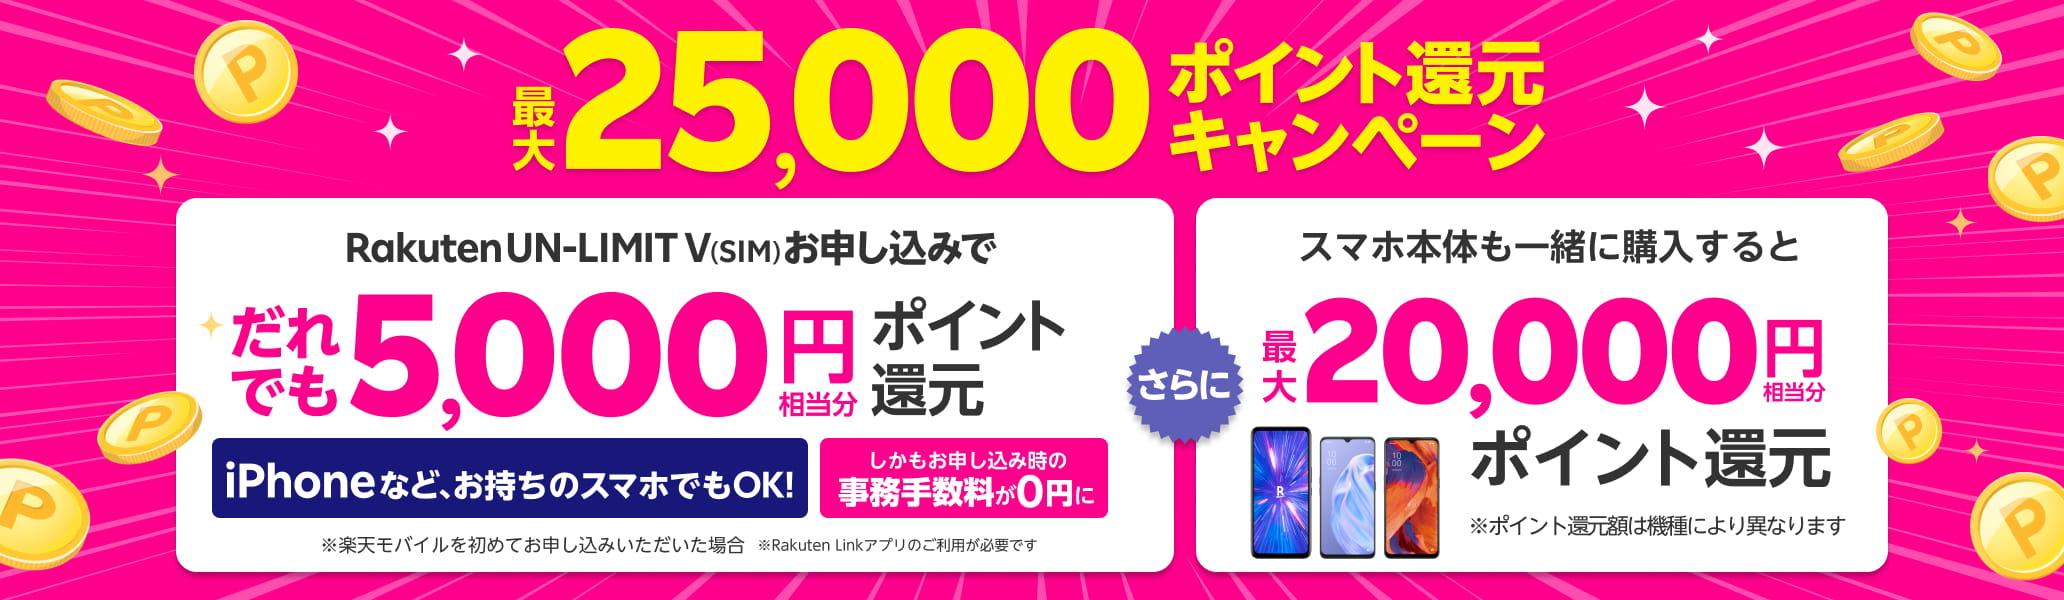 https://network.mobile.rakuten.co.jp/assets/img/bnr/campaign-start-point-1032-300.jpg?210309